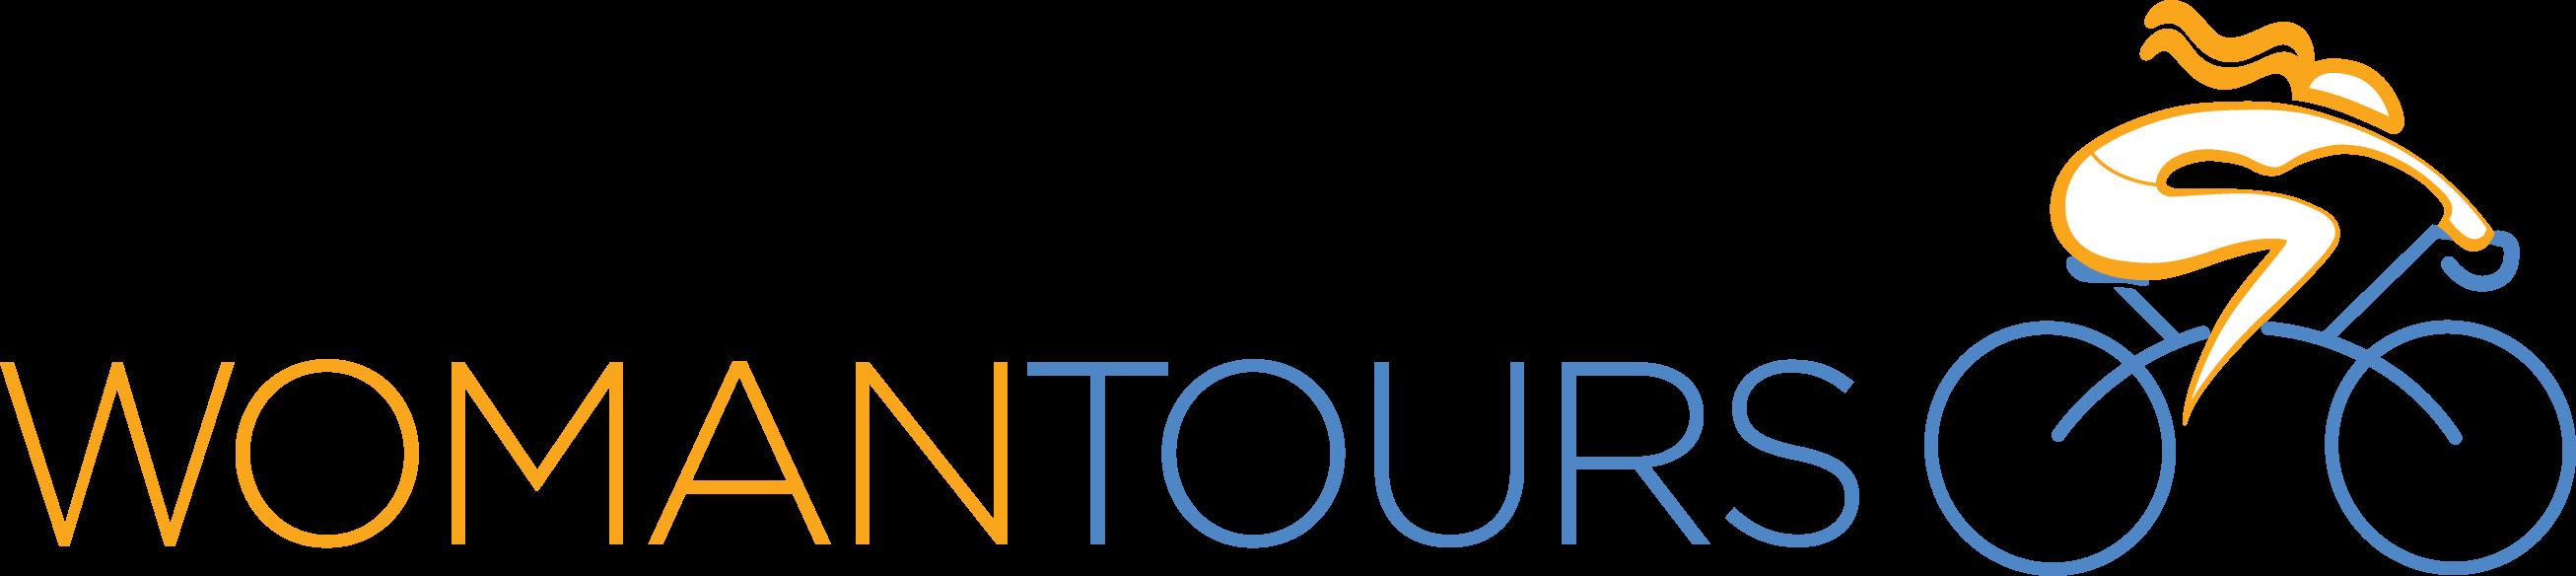 Woman Tours